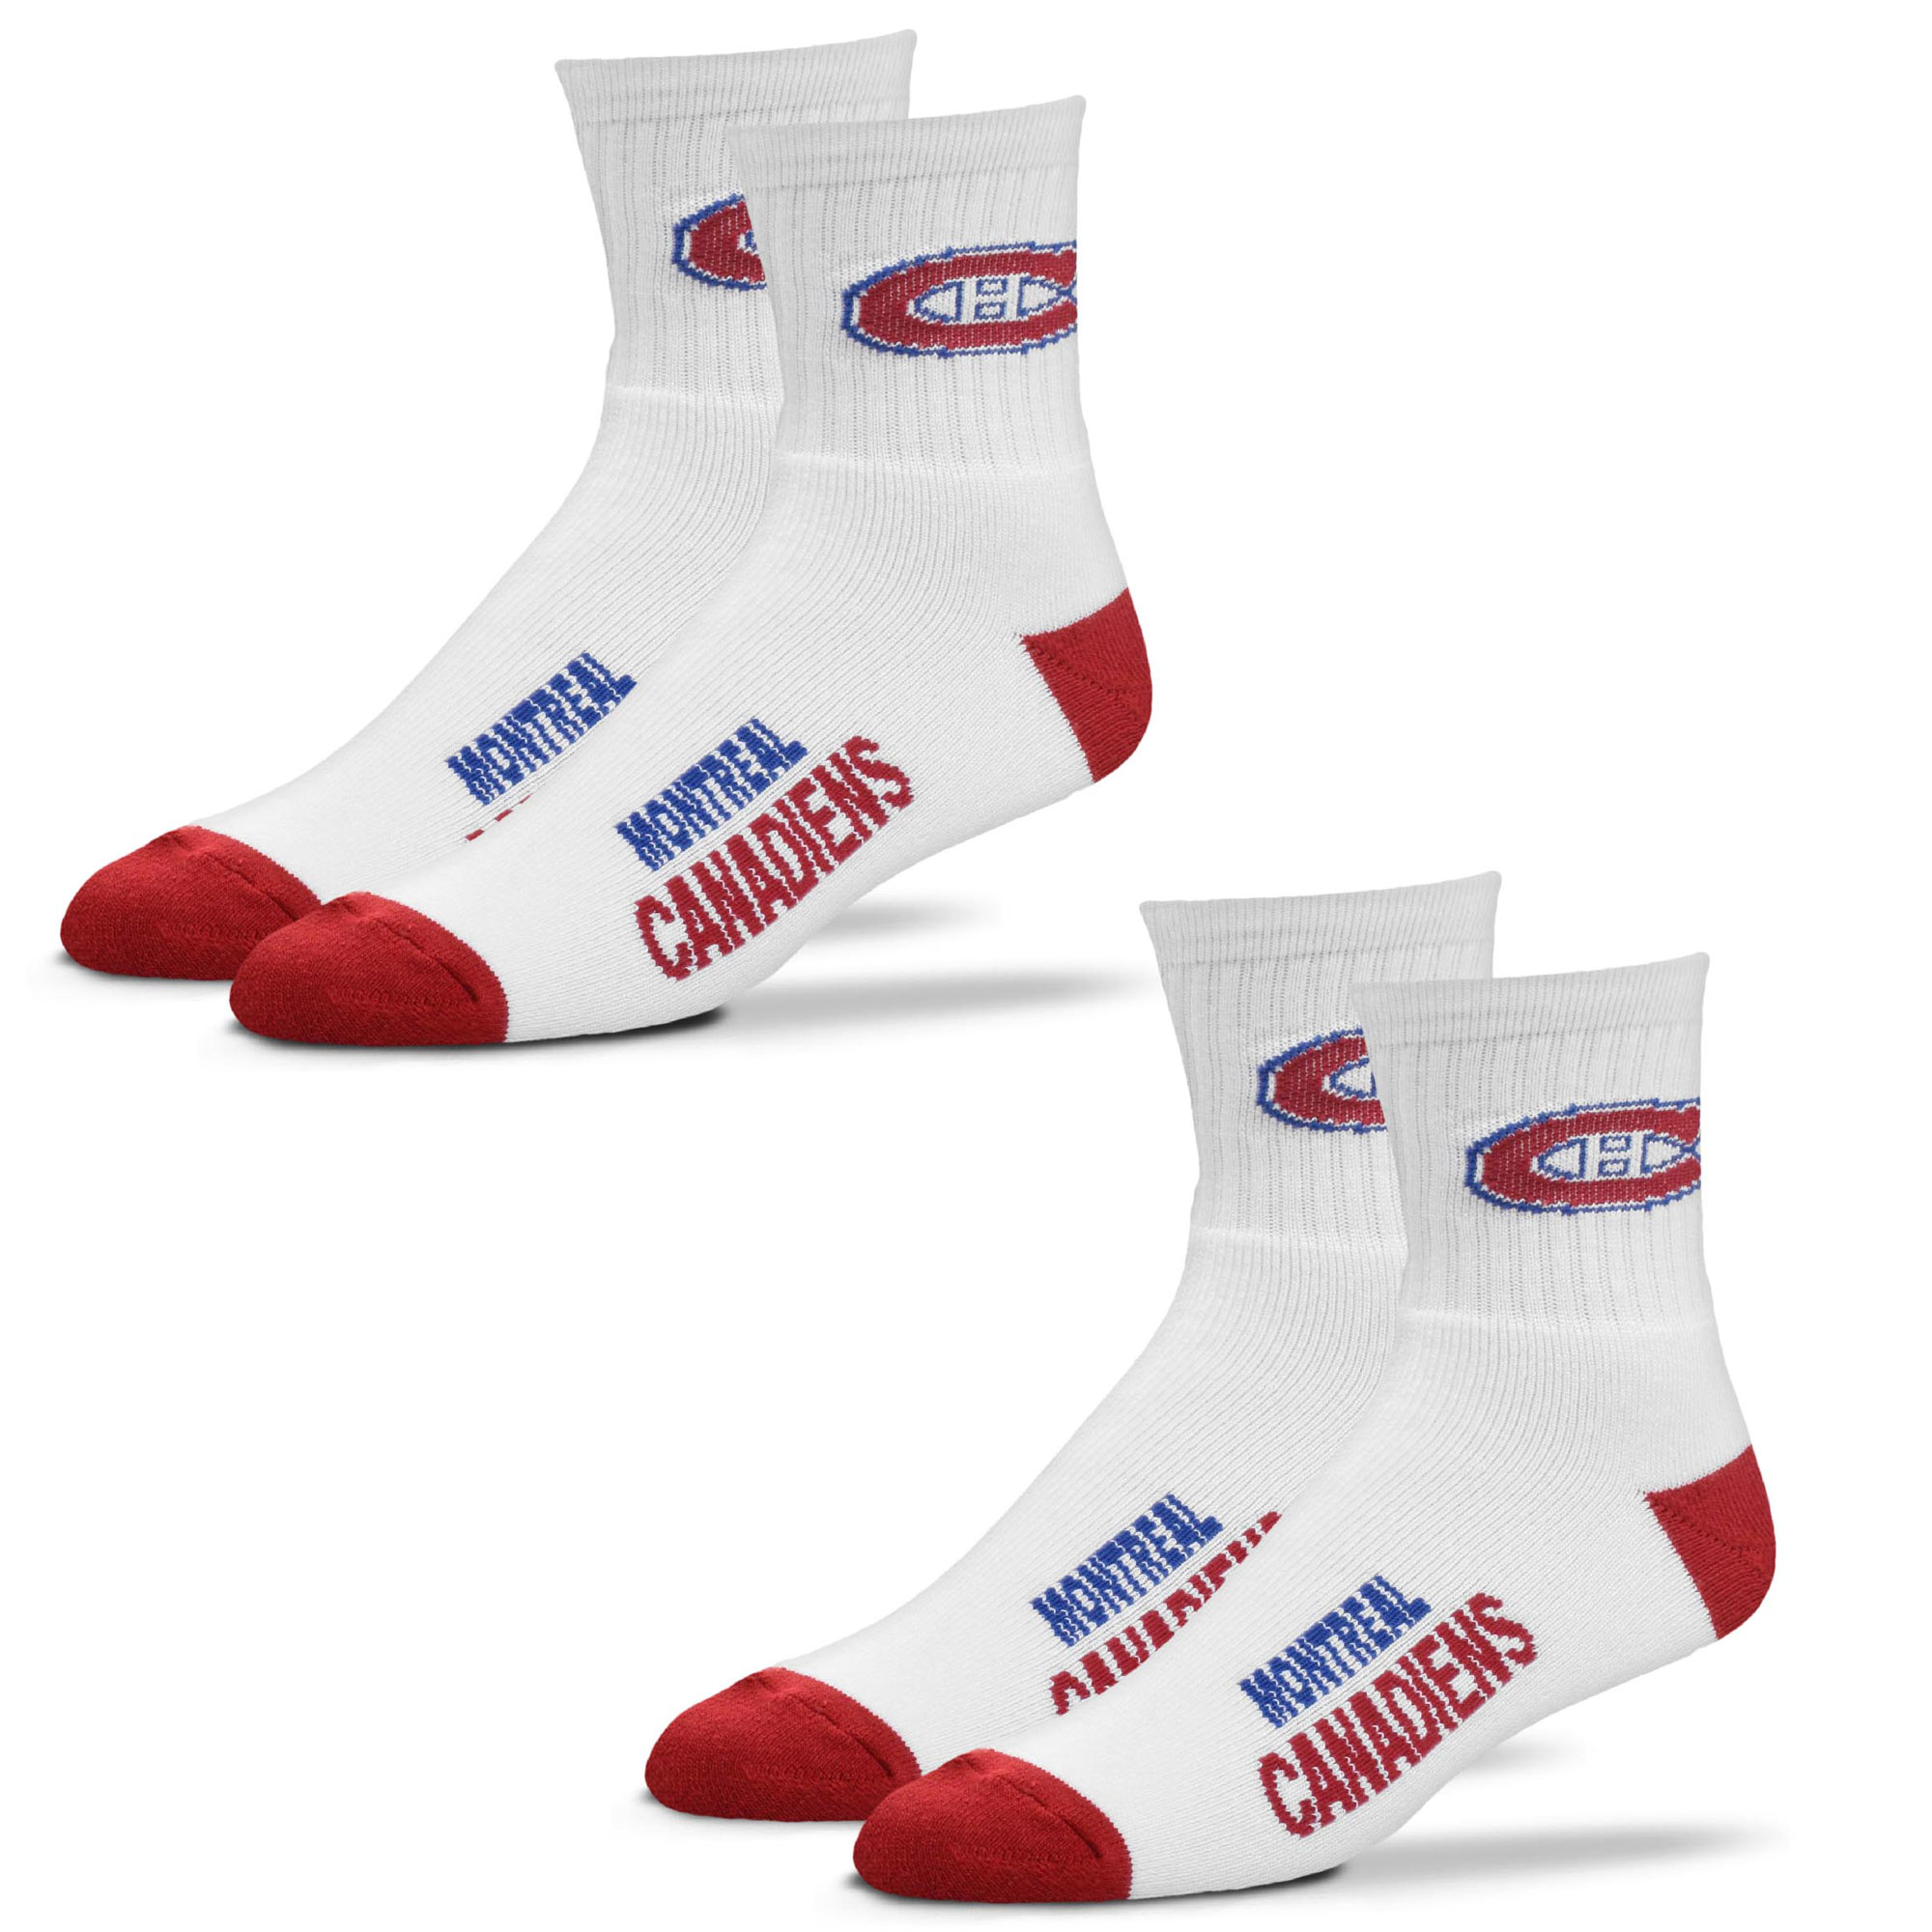 Montreal Canadiens For Bare Feet Women's 2-Pack Quarter-Length Socks - M